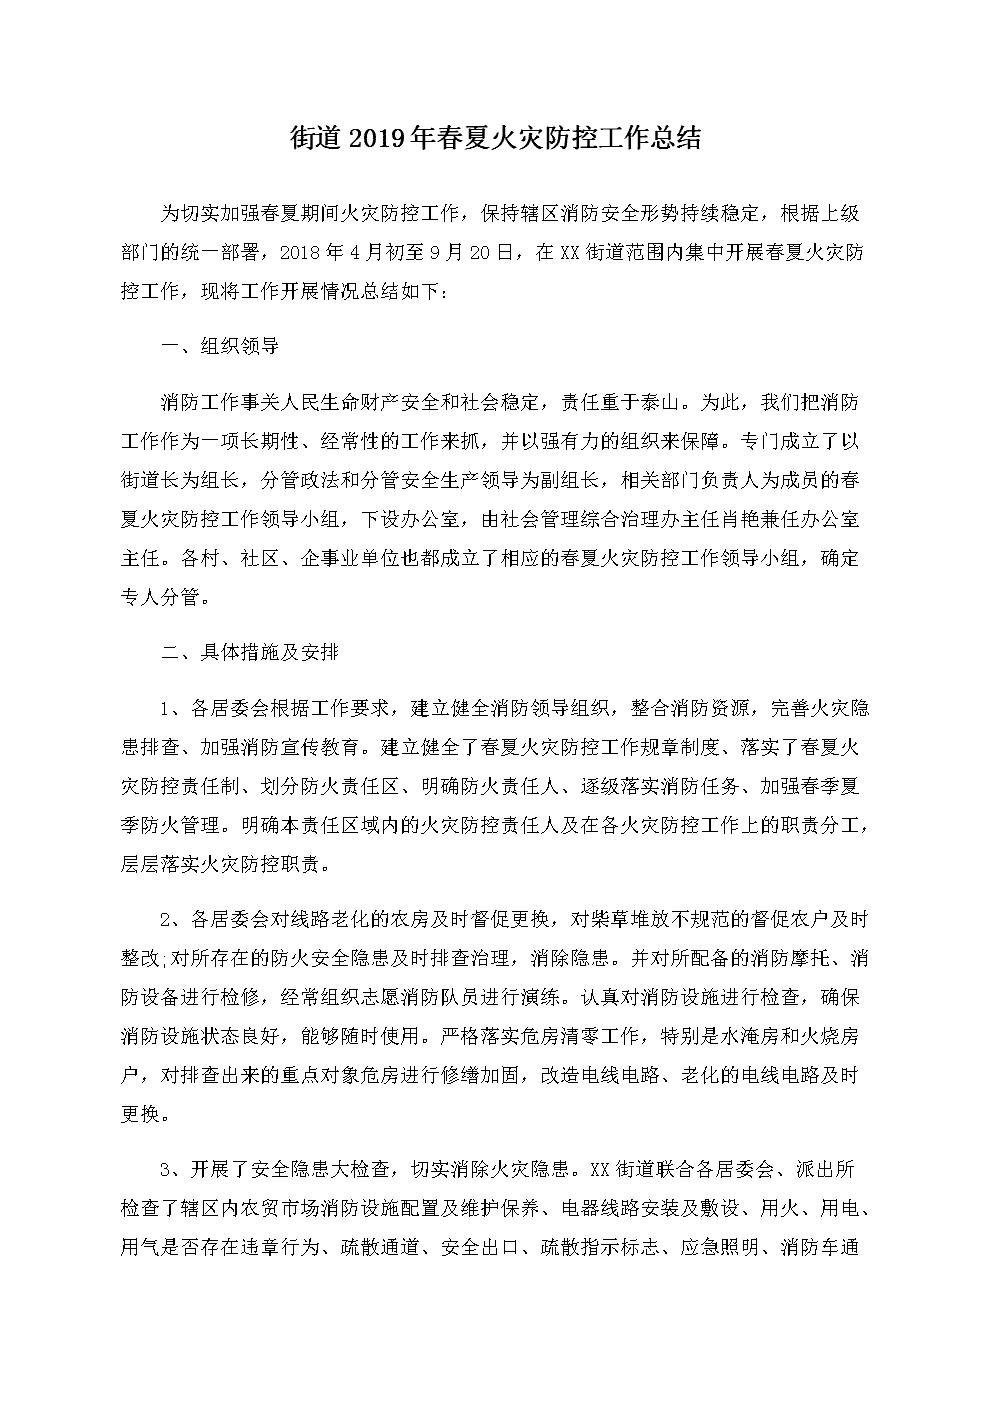 街道2019年春夏火灾防控工作总结.docx